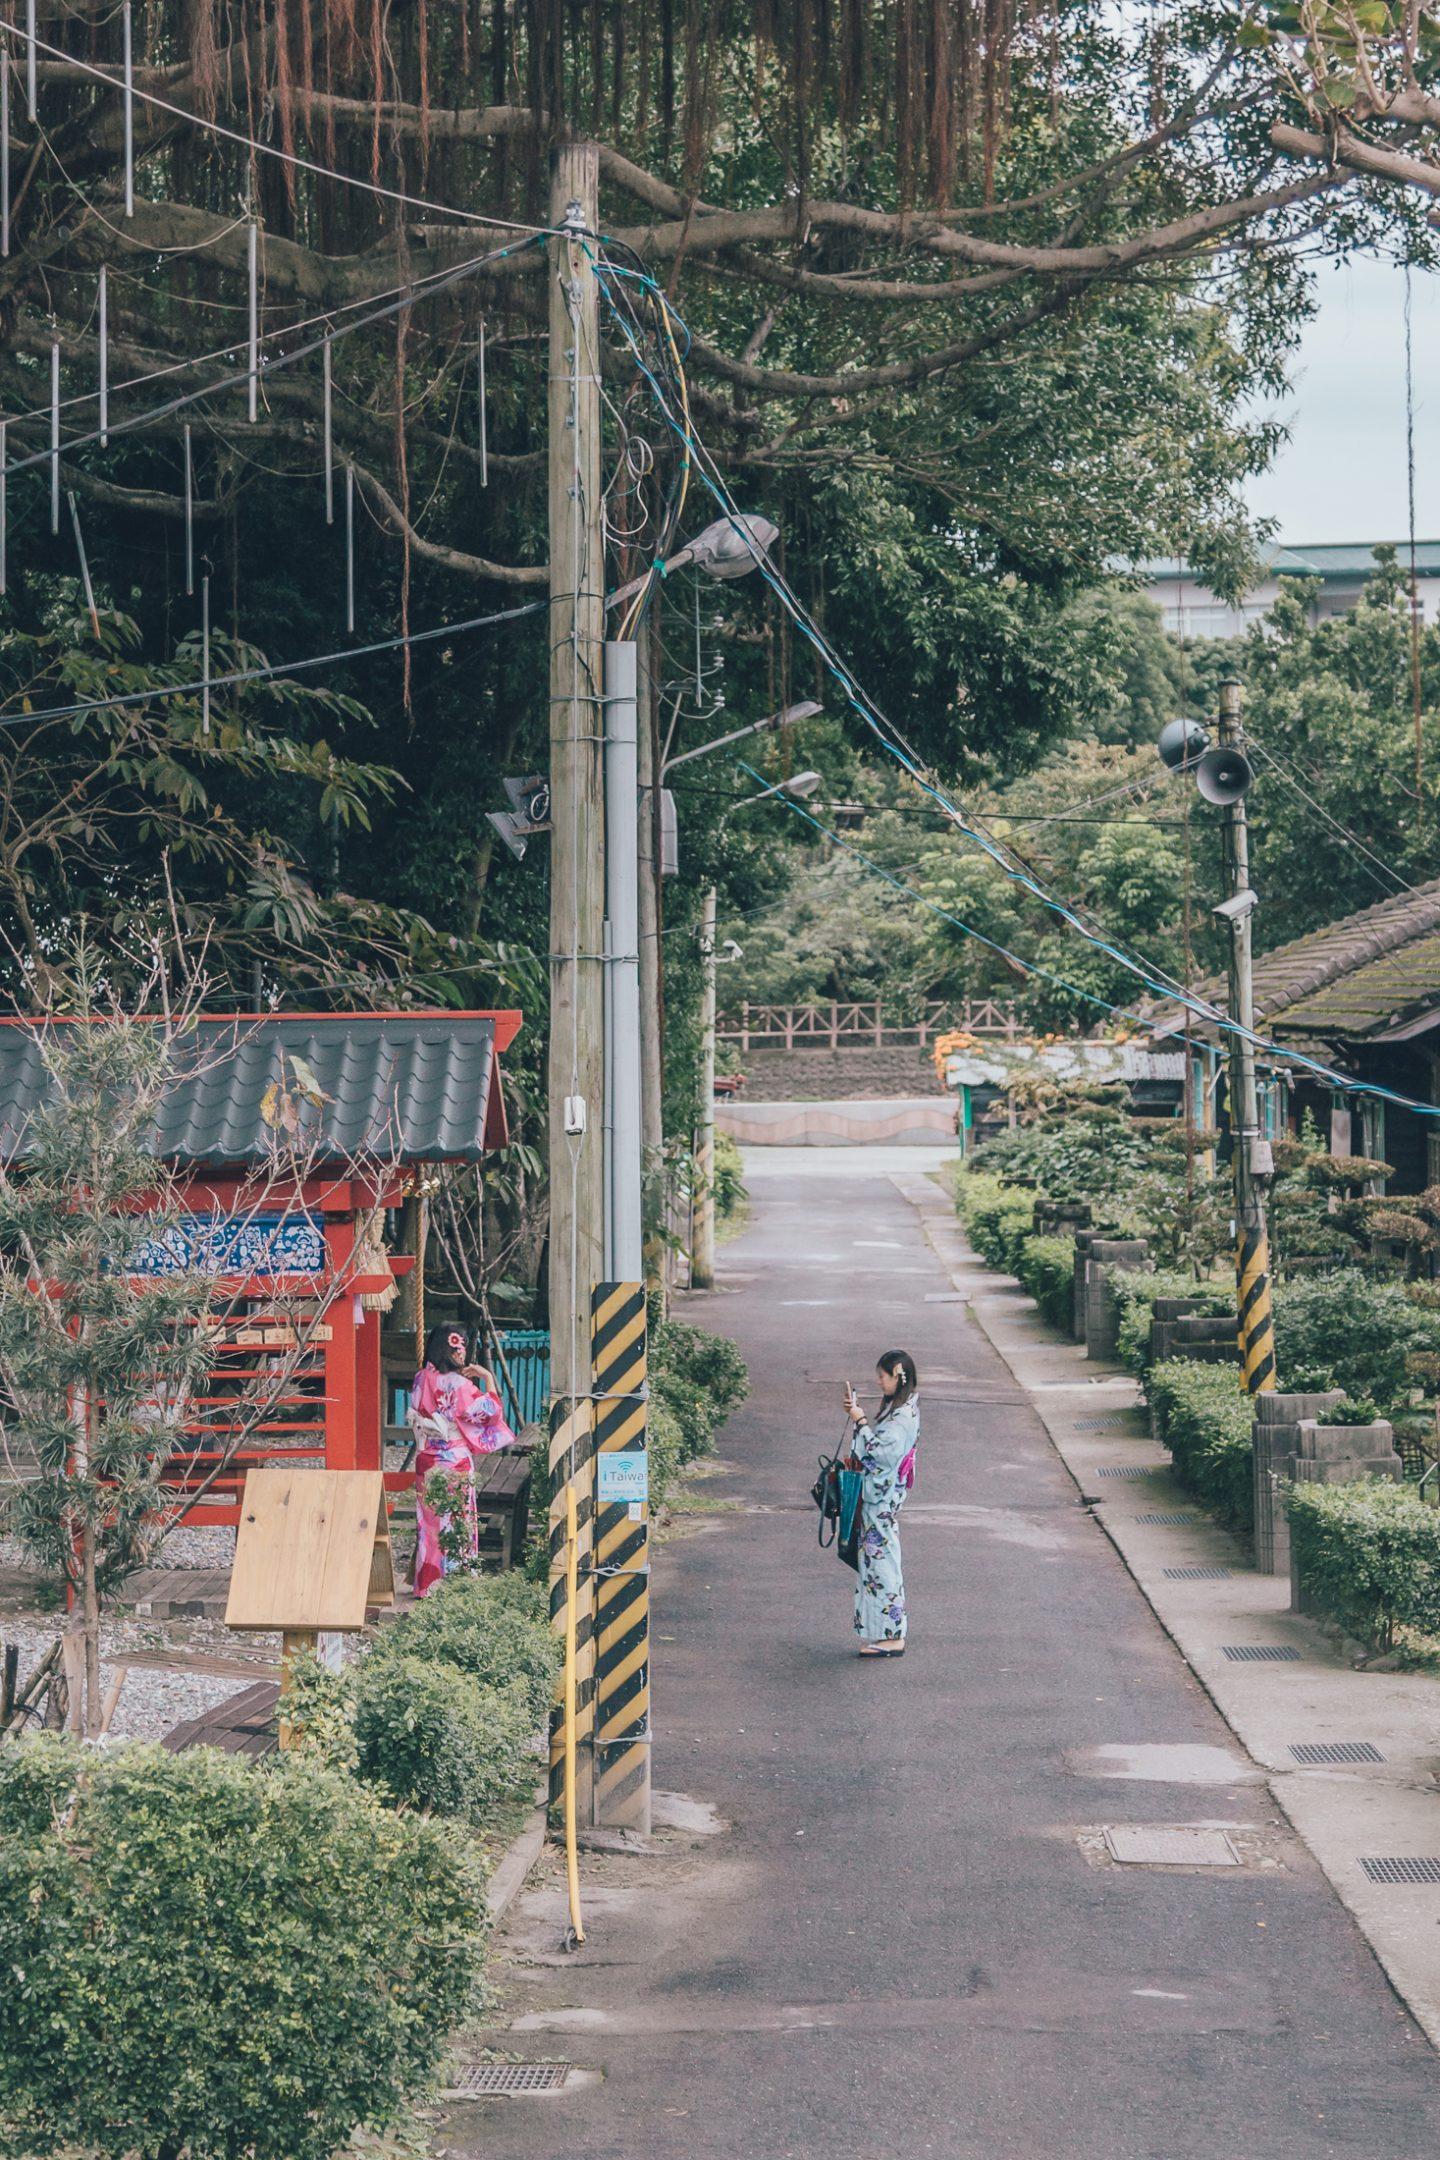 Усадьба, Хуалянь, Тайвань Хуалянь 23 увлекательных занятия в Хуалянь, Тайвань Hualien116 1440x2160